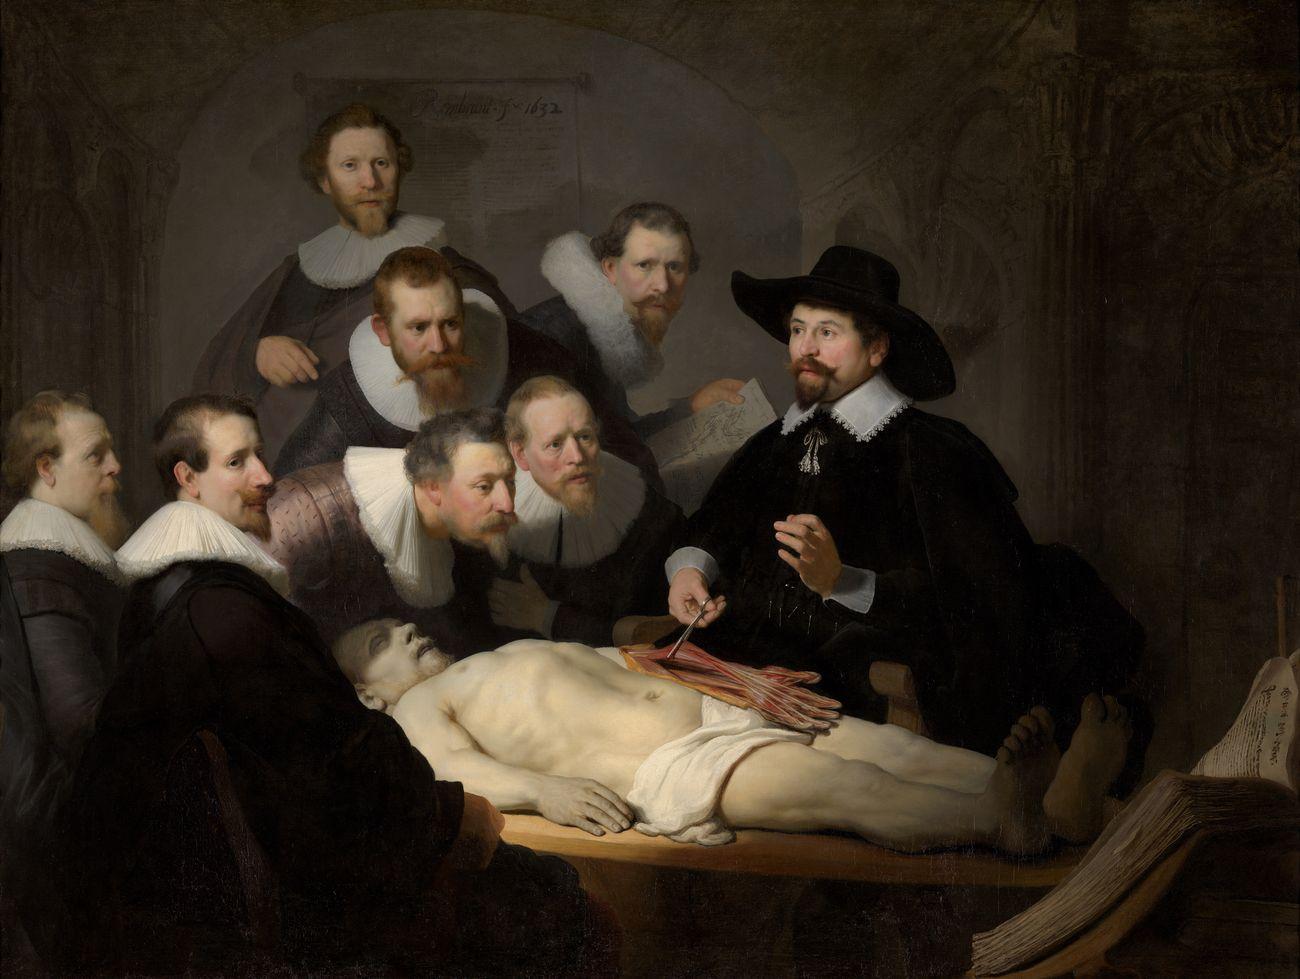 Rembrandt, Lezione di anatomia del dottor Tulp, 1632, olio su tela, 169,5×216,5 cm. Mauritshuis, L'Aia